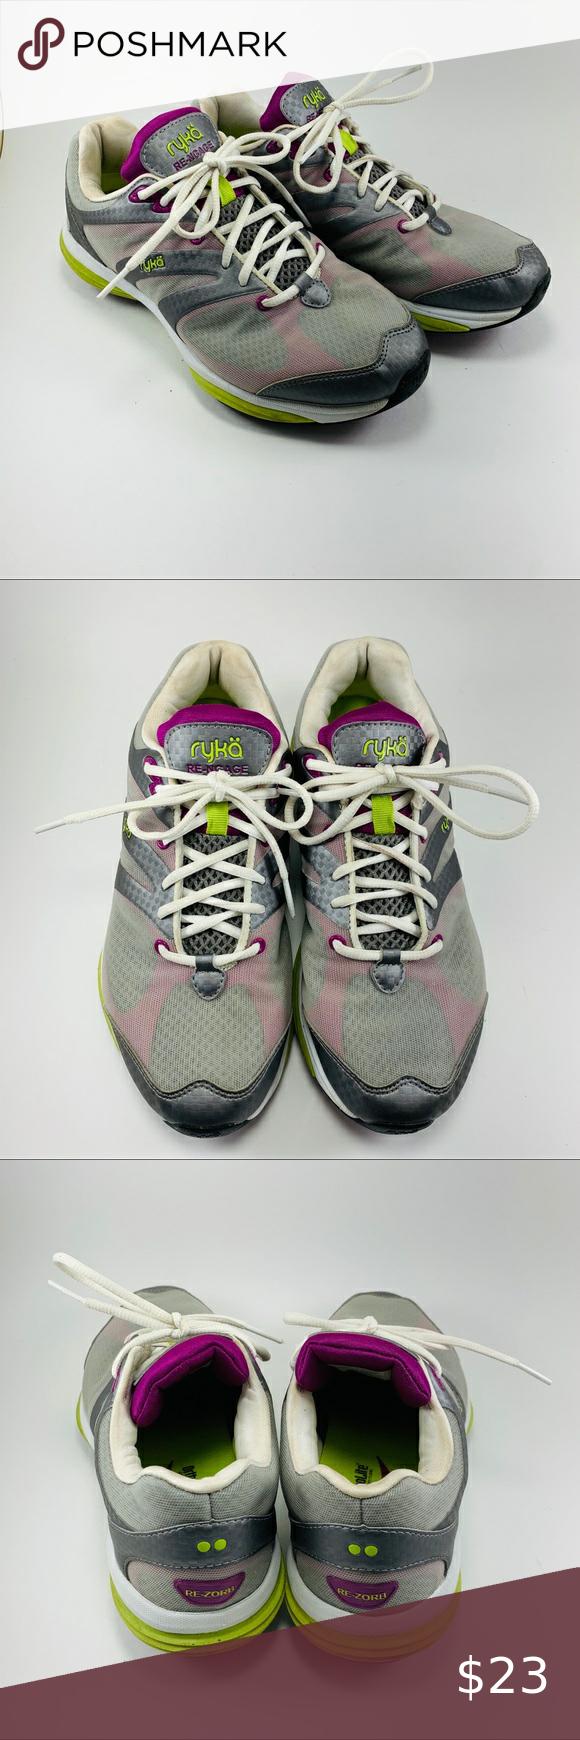 Ryka Ortholite Sneakers in 2020 | Ryka